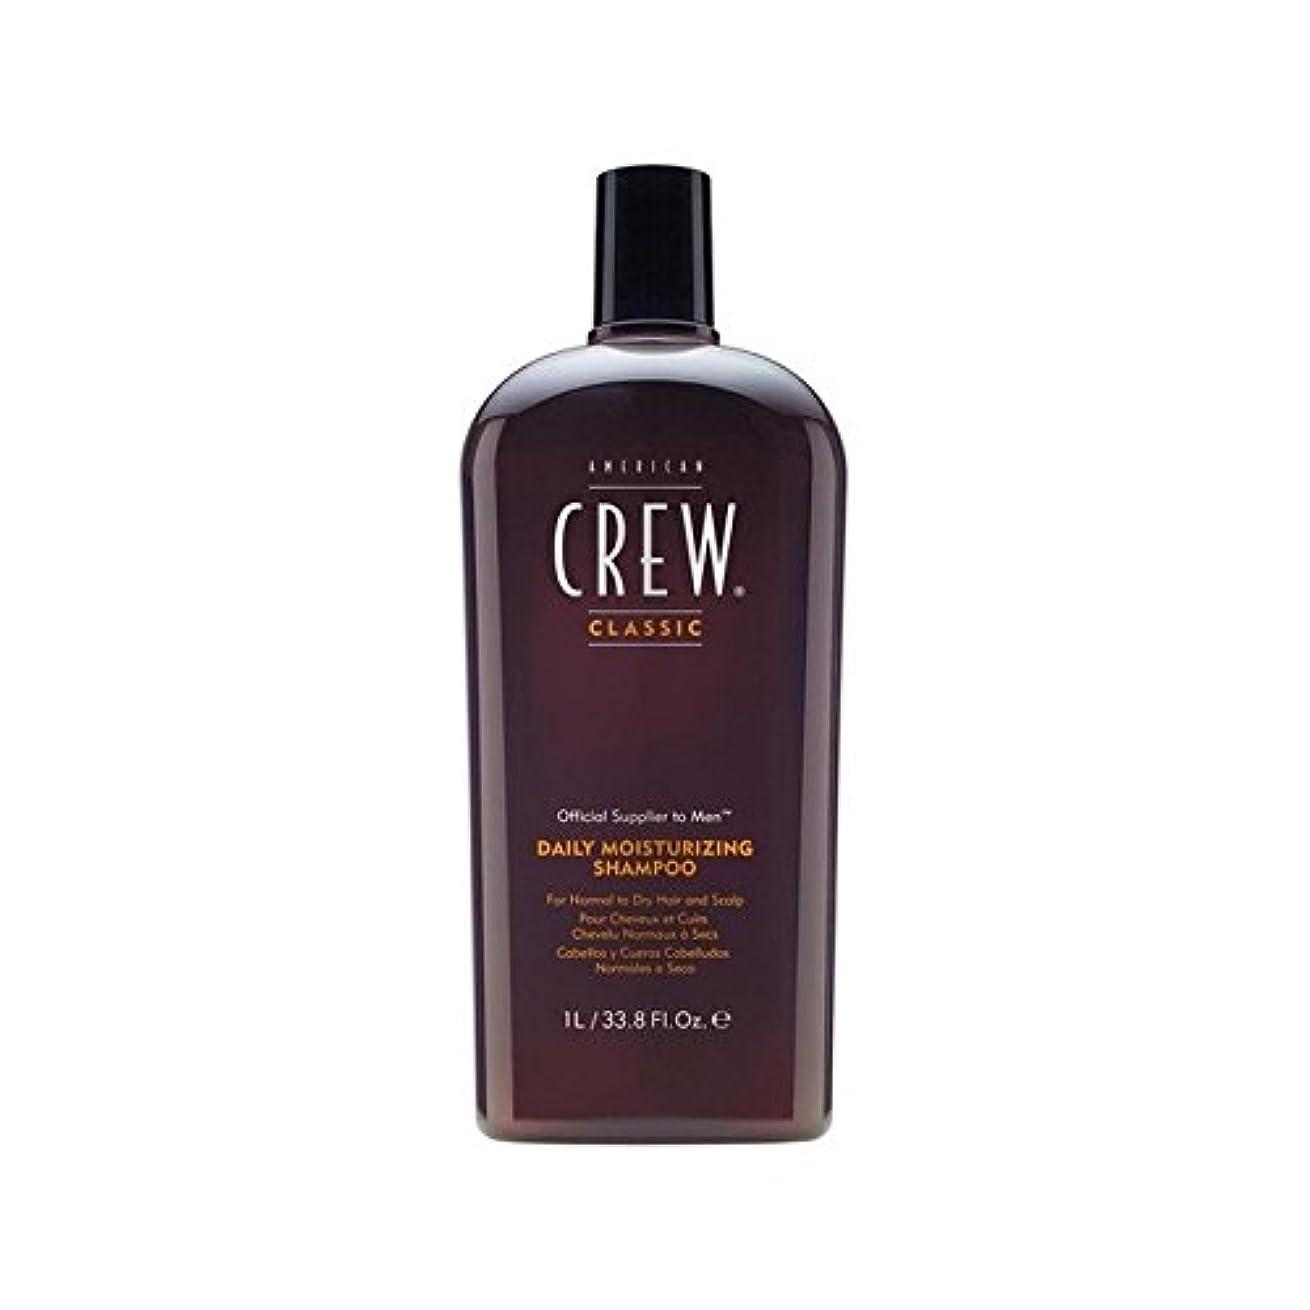 リール書き出すパトロールアメリカの乗組員の毎日の水分シャンプー(千ミリリットル) x2 - American Crew Daily Moisture Shampoo (1000ml) (Pack of 2) [並行輸入品]